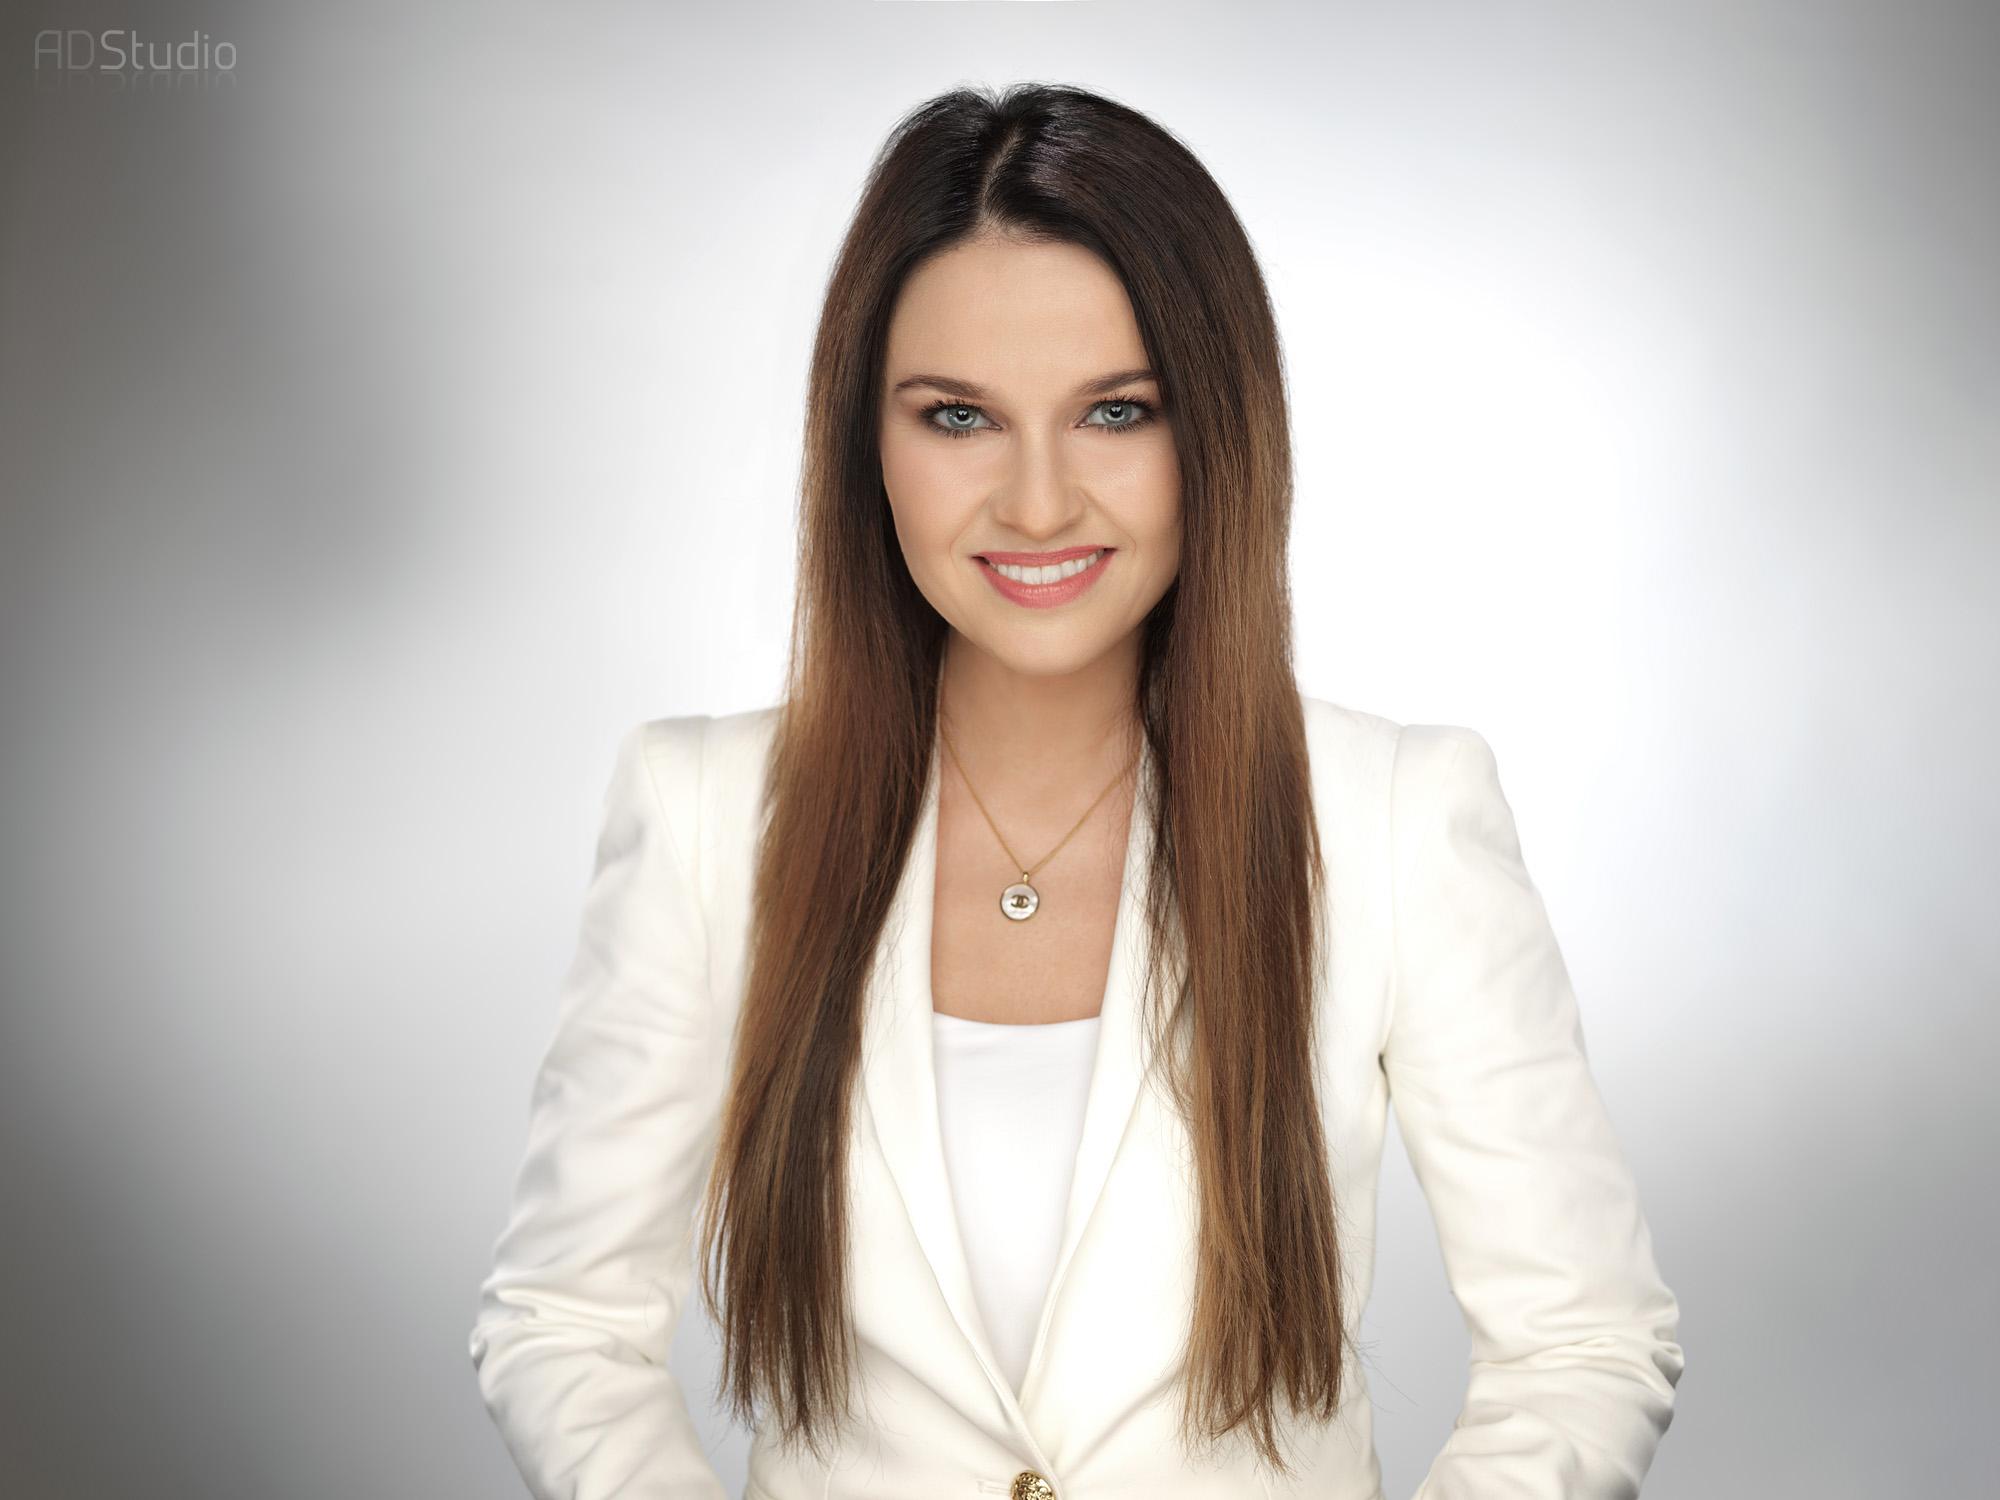 zdjęcie biznesowe młodej kobiety